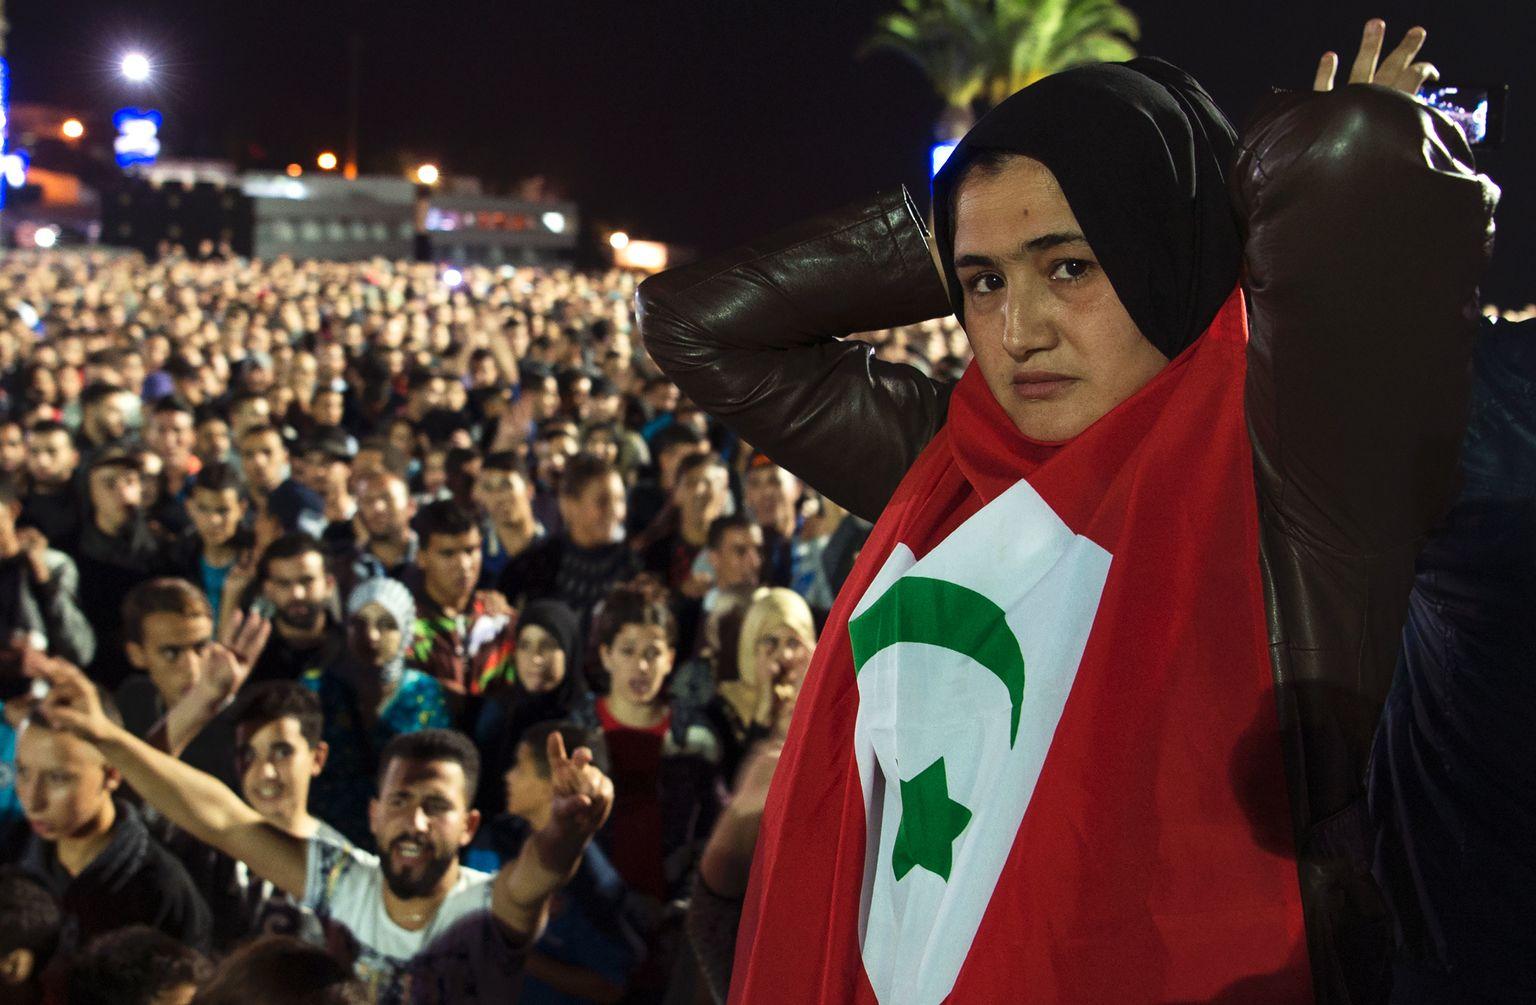 La mort atroce d'un vendeur de poissons choque le Maroc